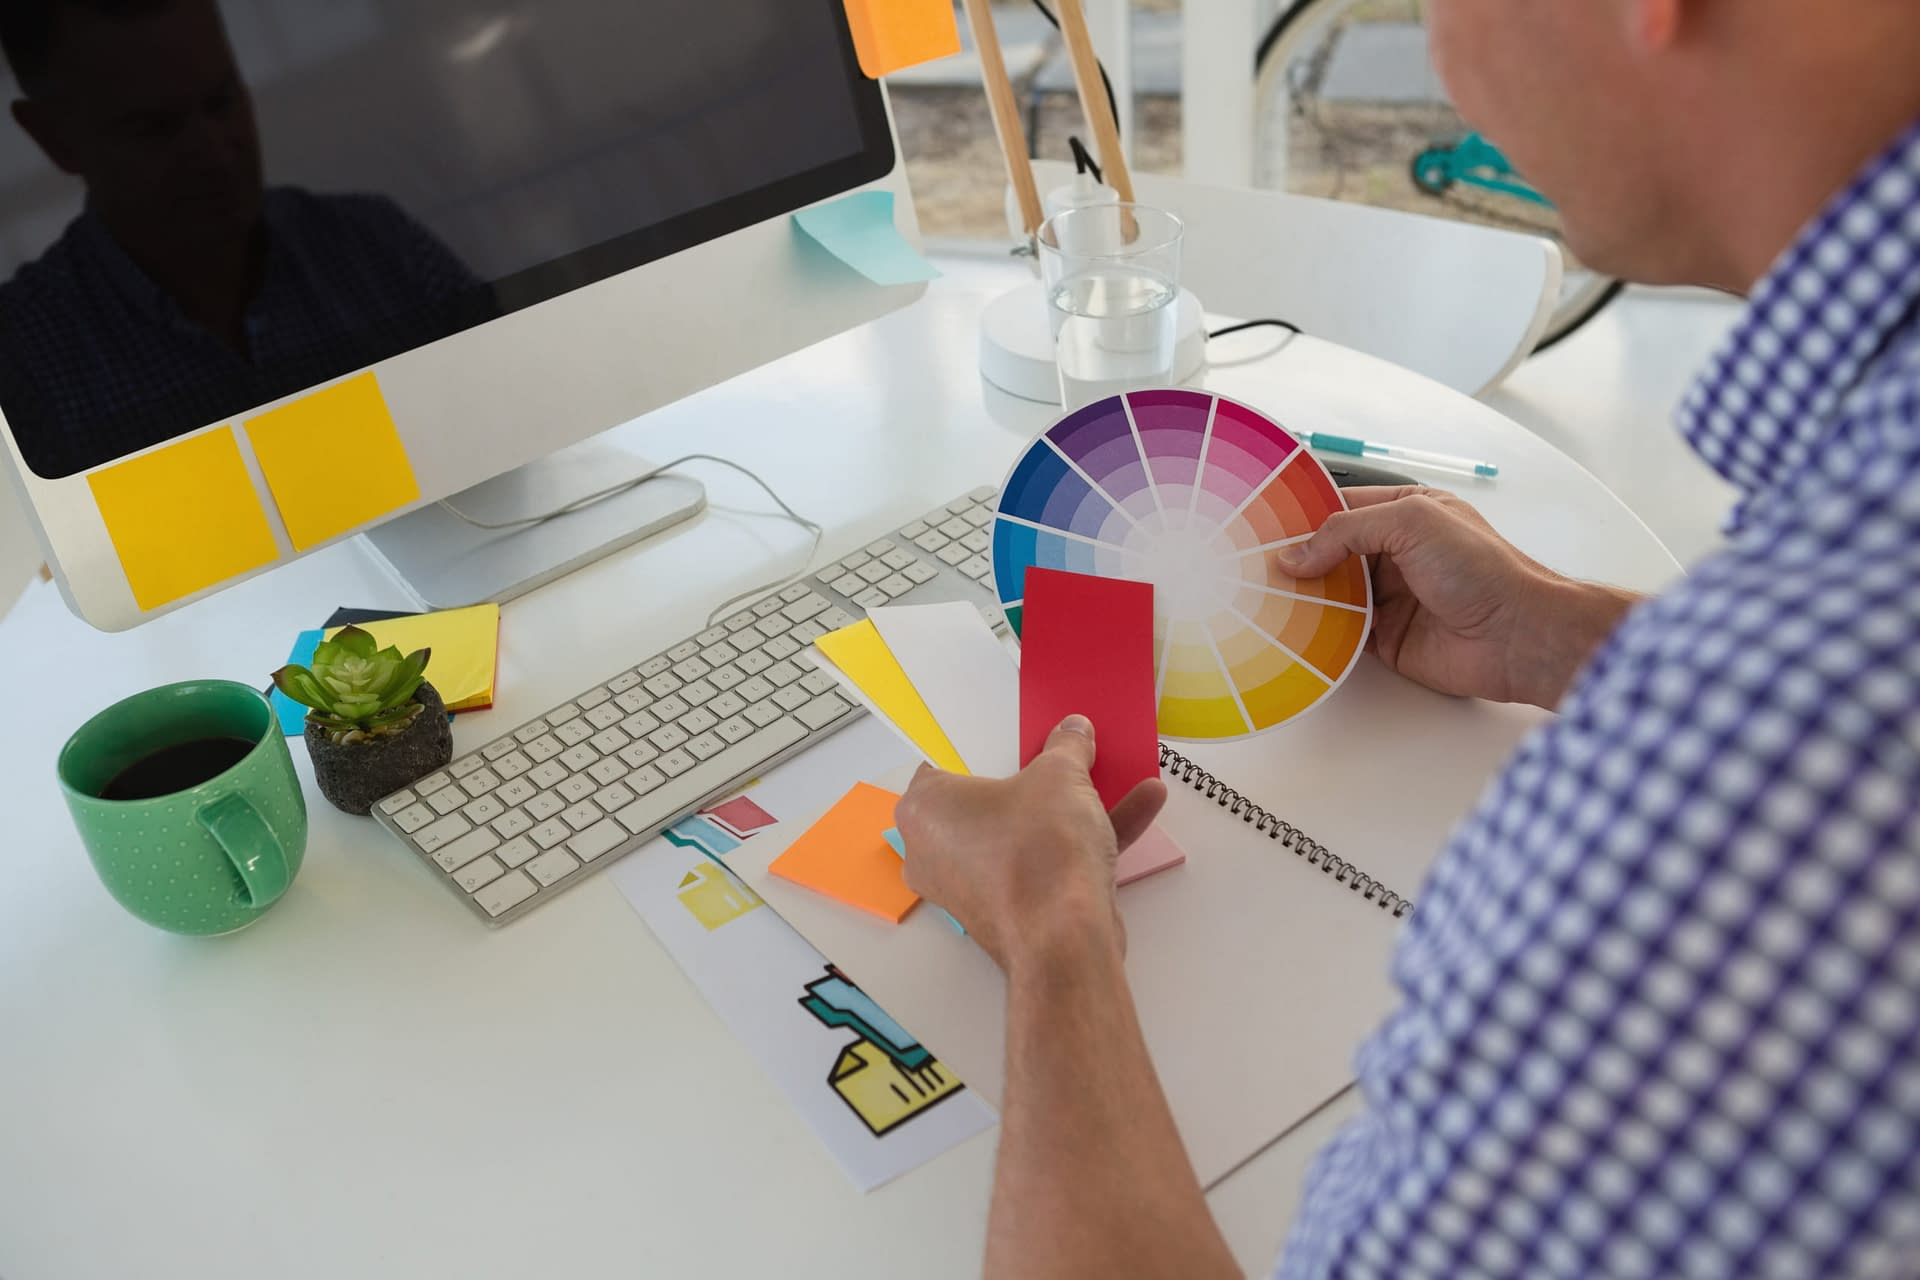 Comment choisir la bonne agence pour sa visualisation de données ?